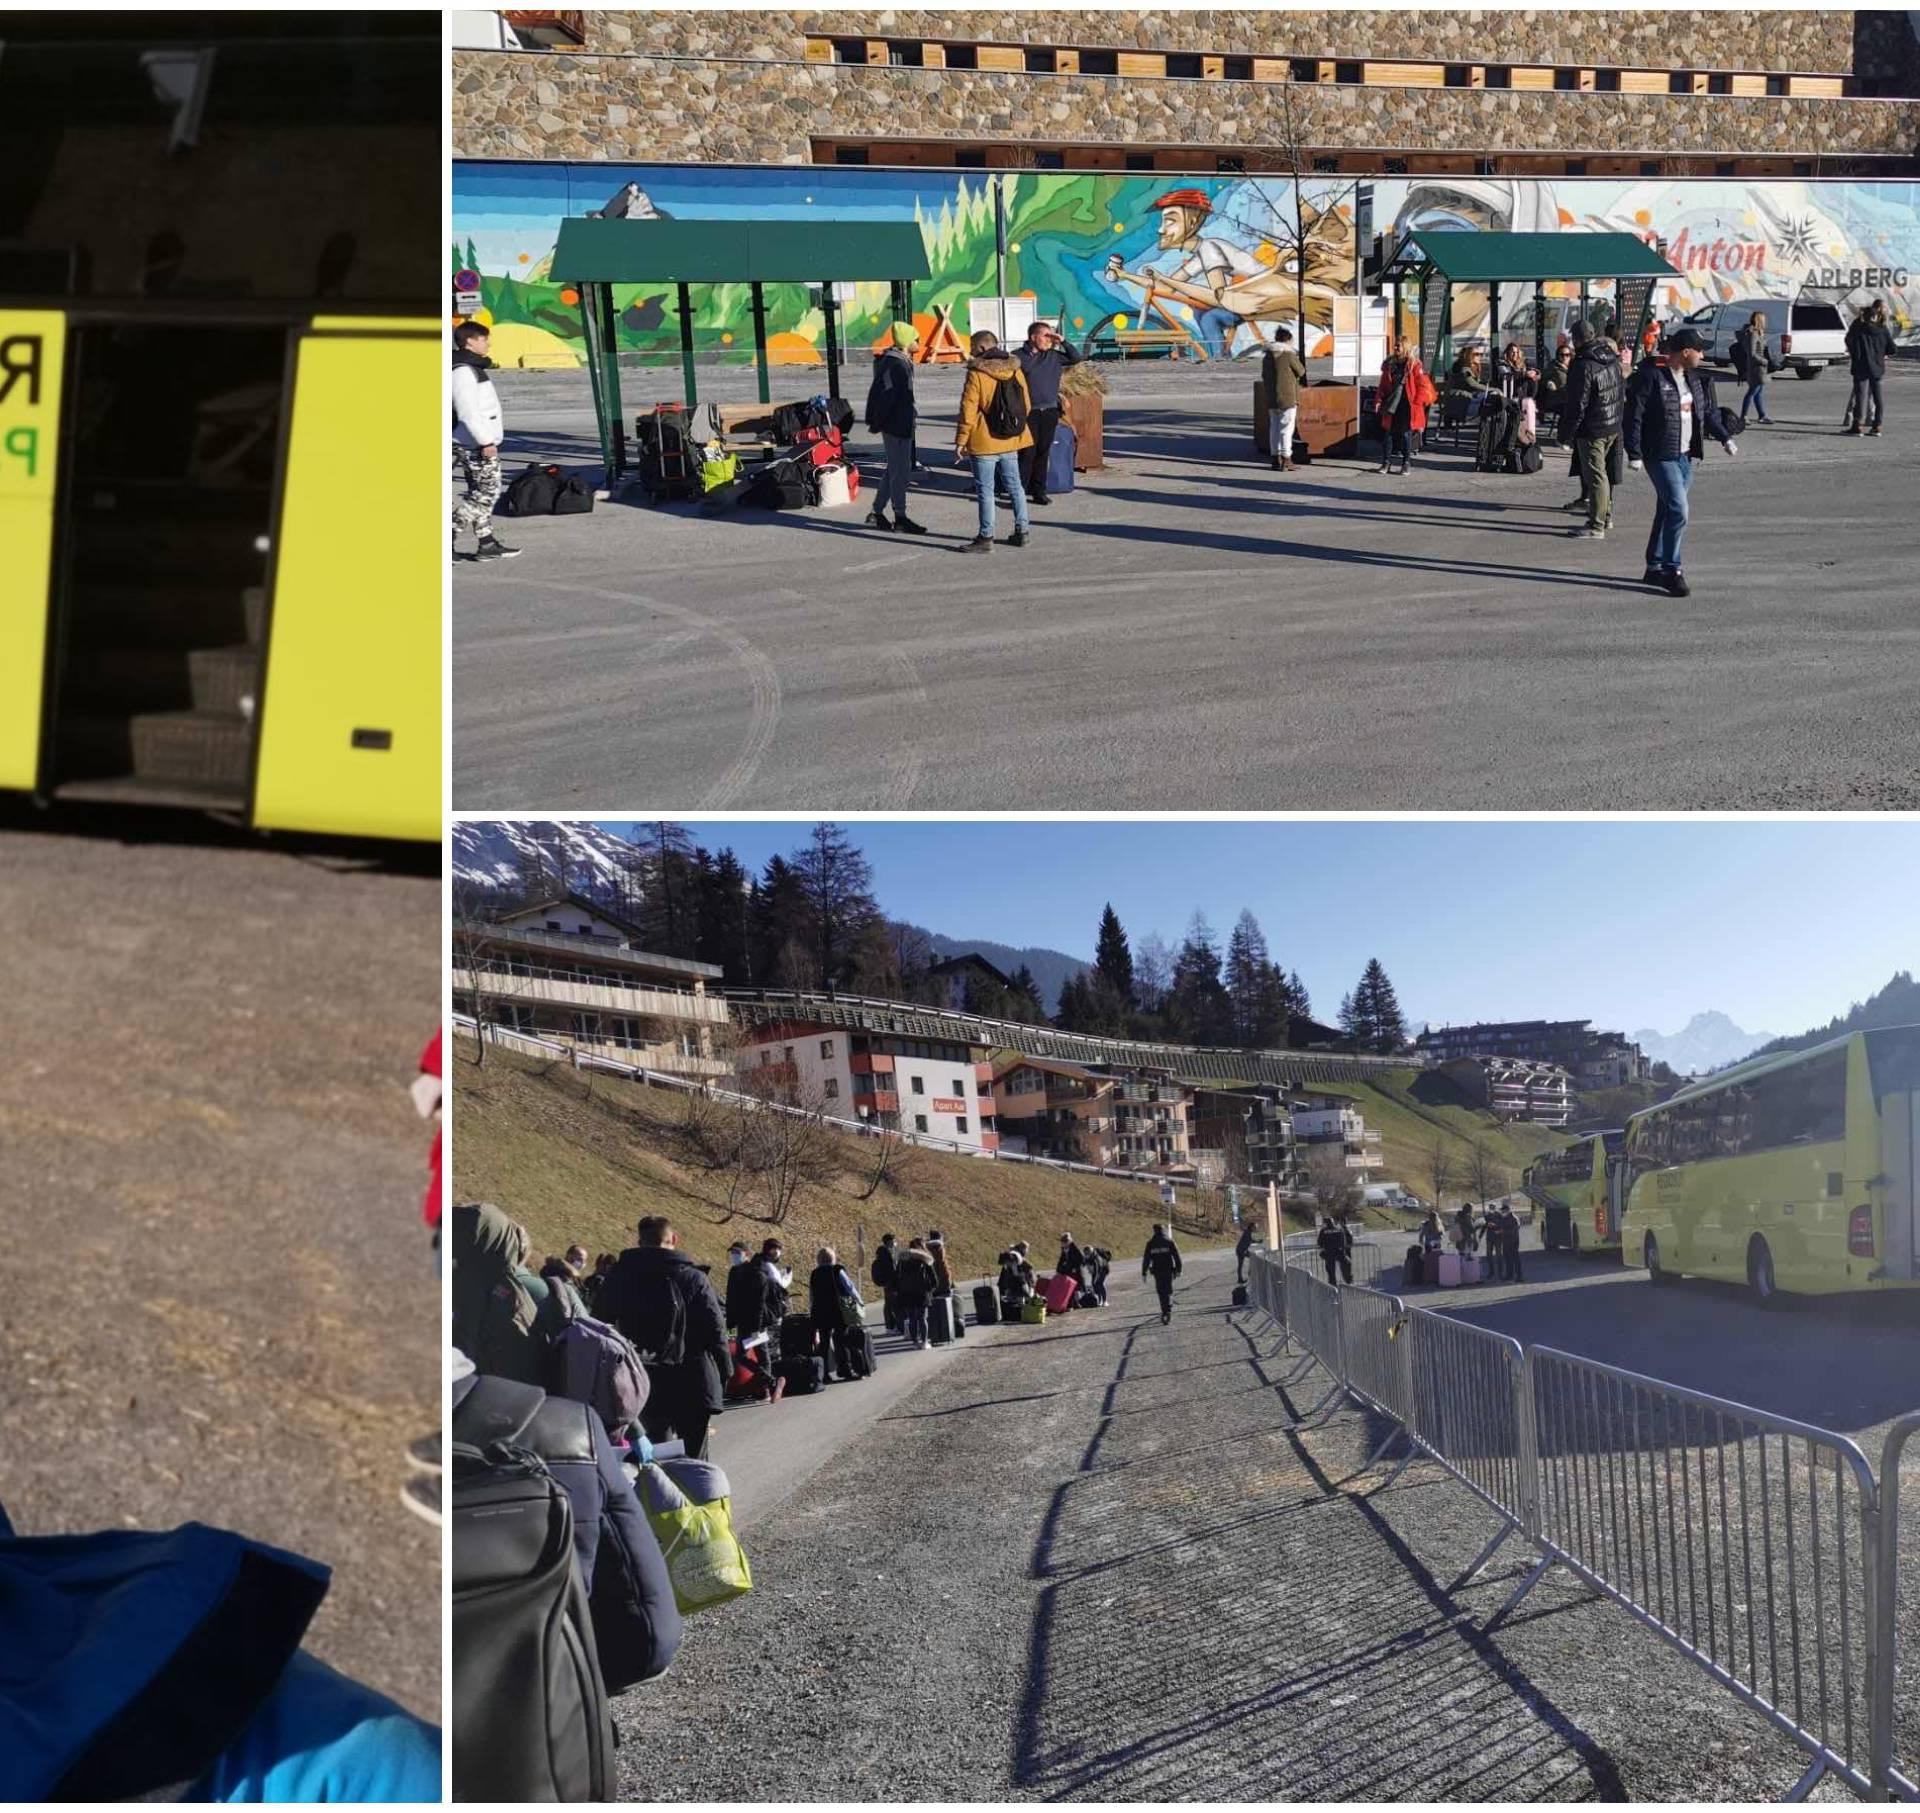 Hrvati zatočeni u St. Antonu: 'Napokon! Večeras smo doma!'